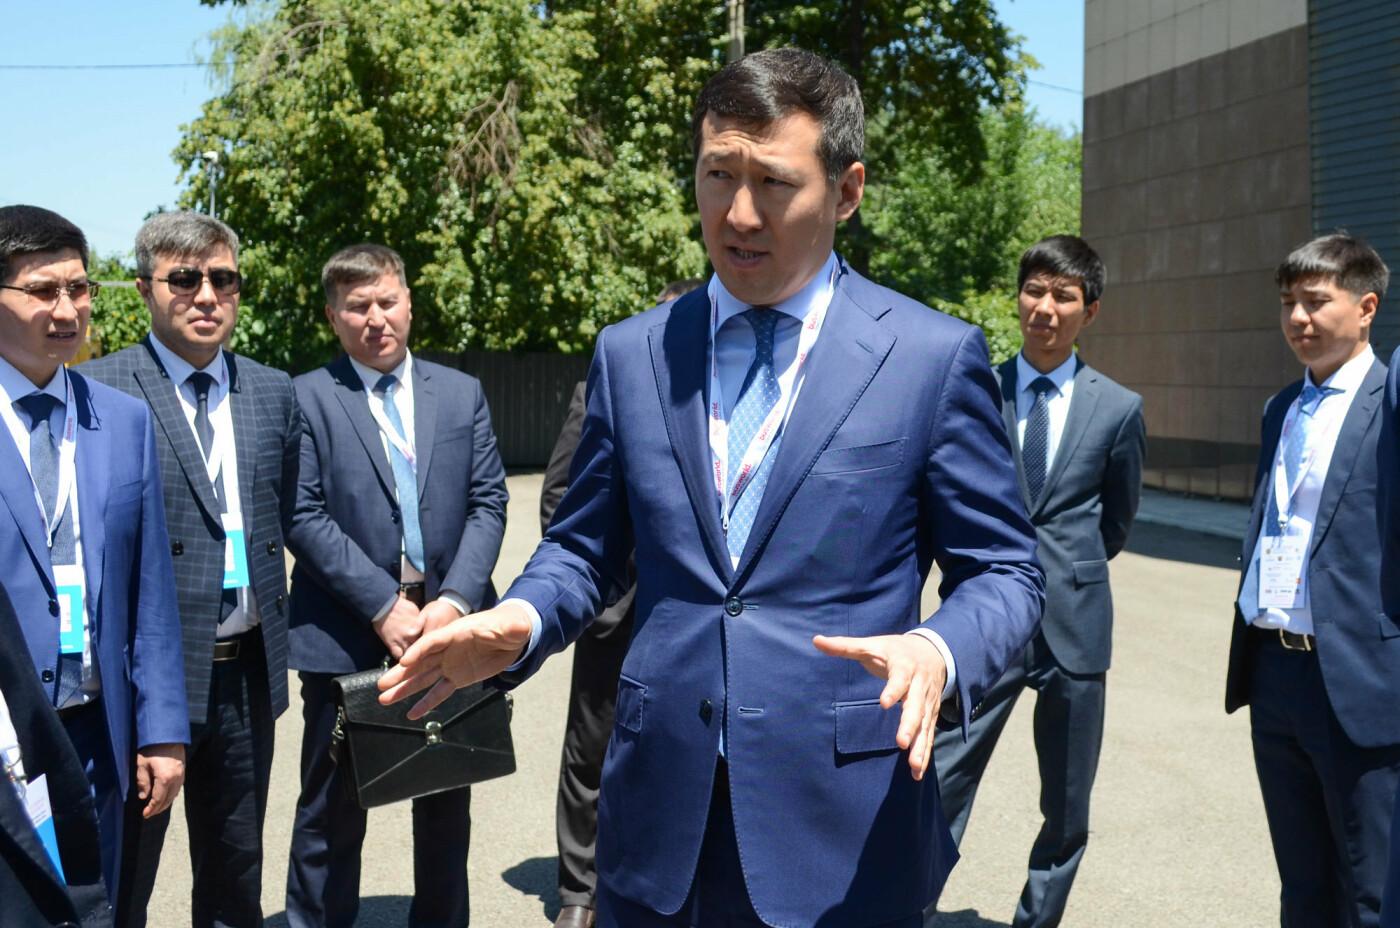 Почему на маршрутах не хватает автобусов рассказал заместитель акима Алматы, фото-1